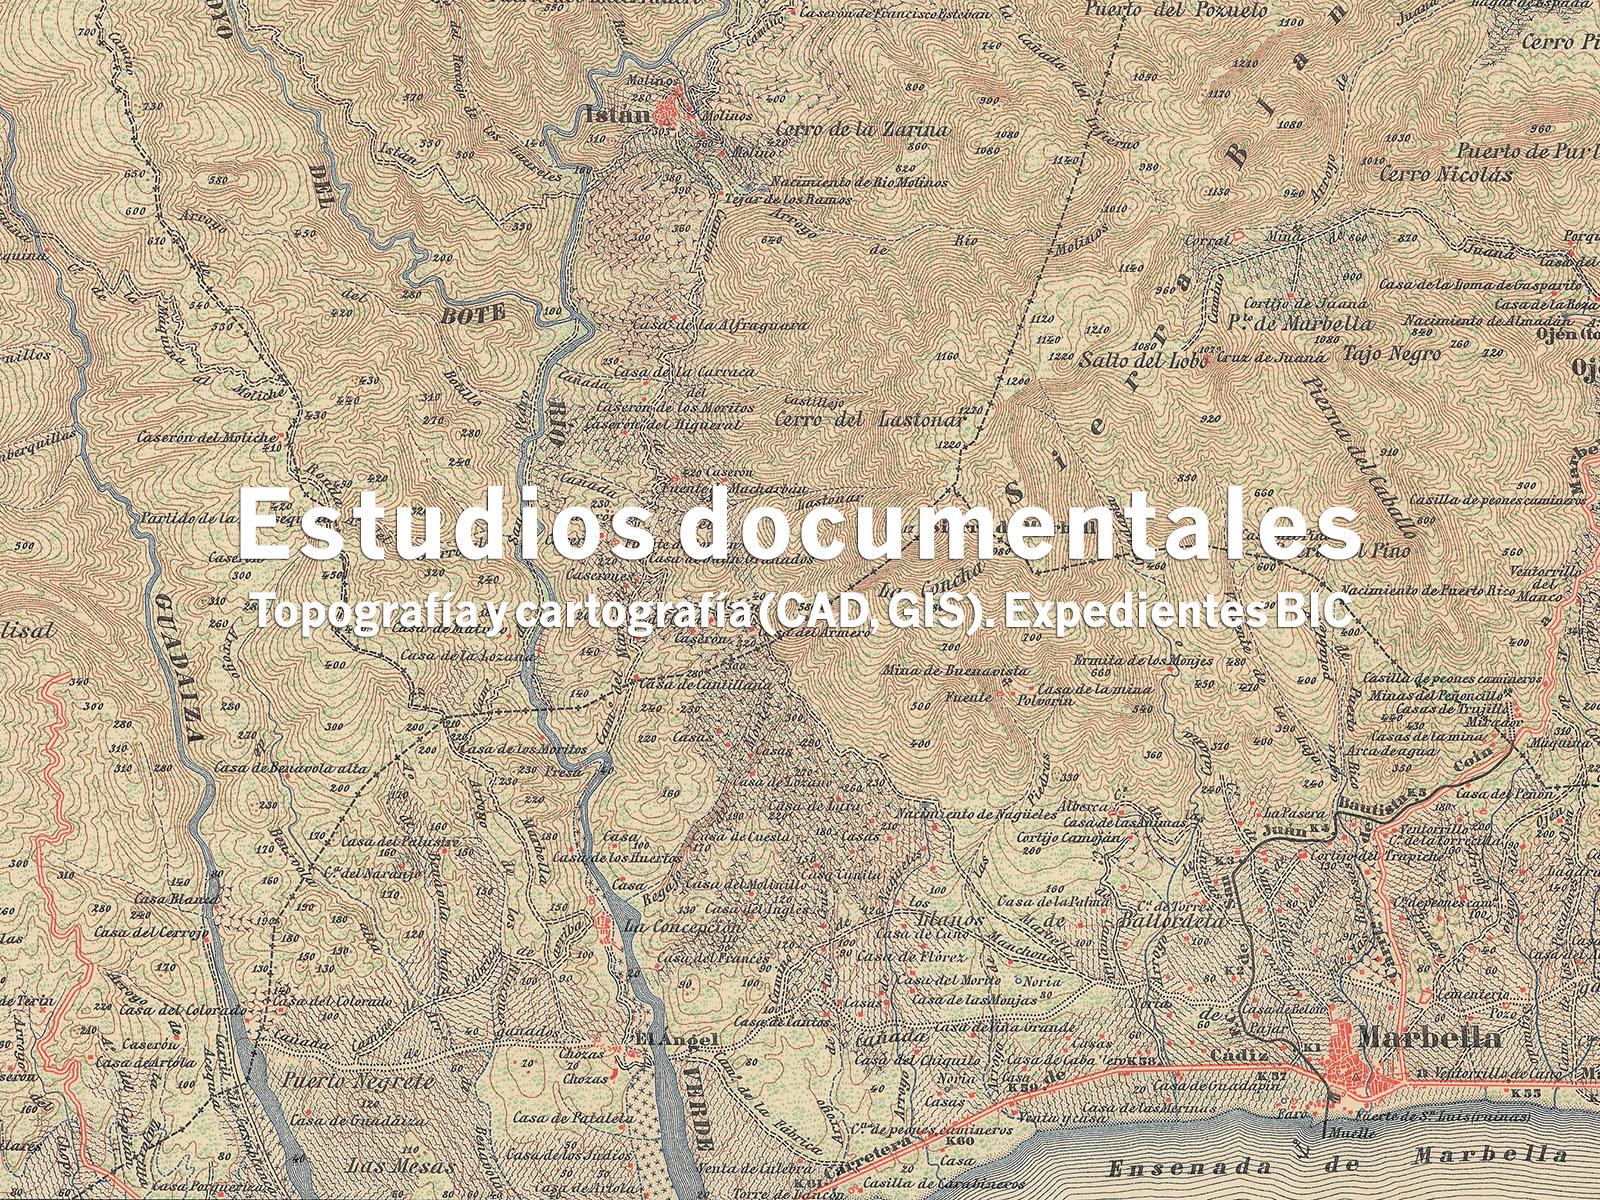 Estudios documentales